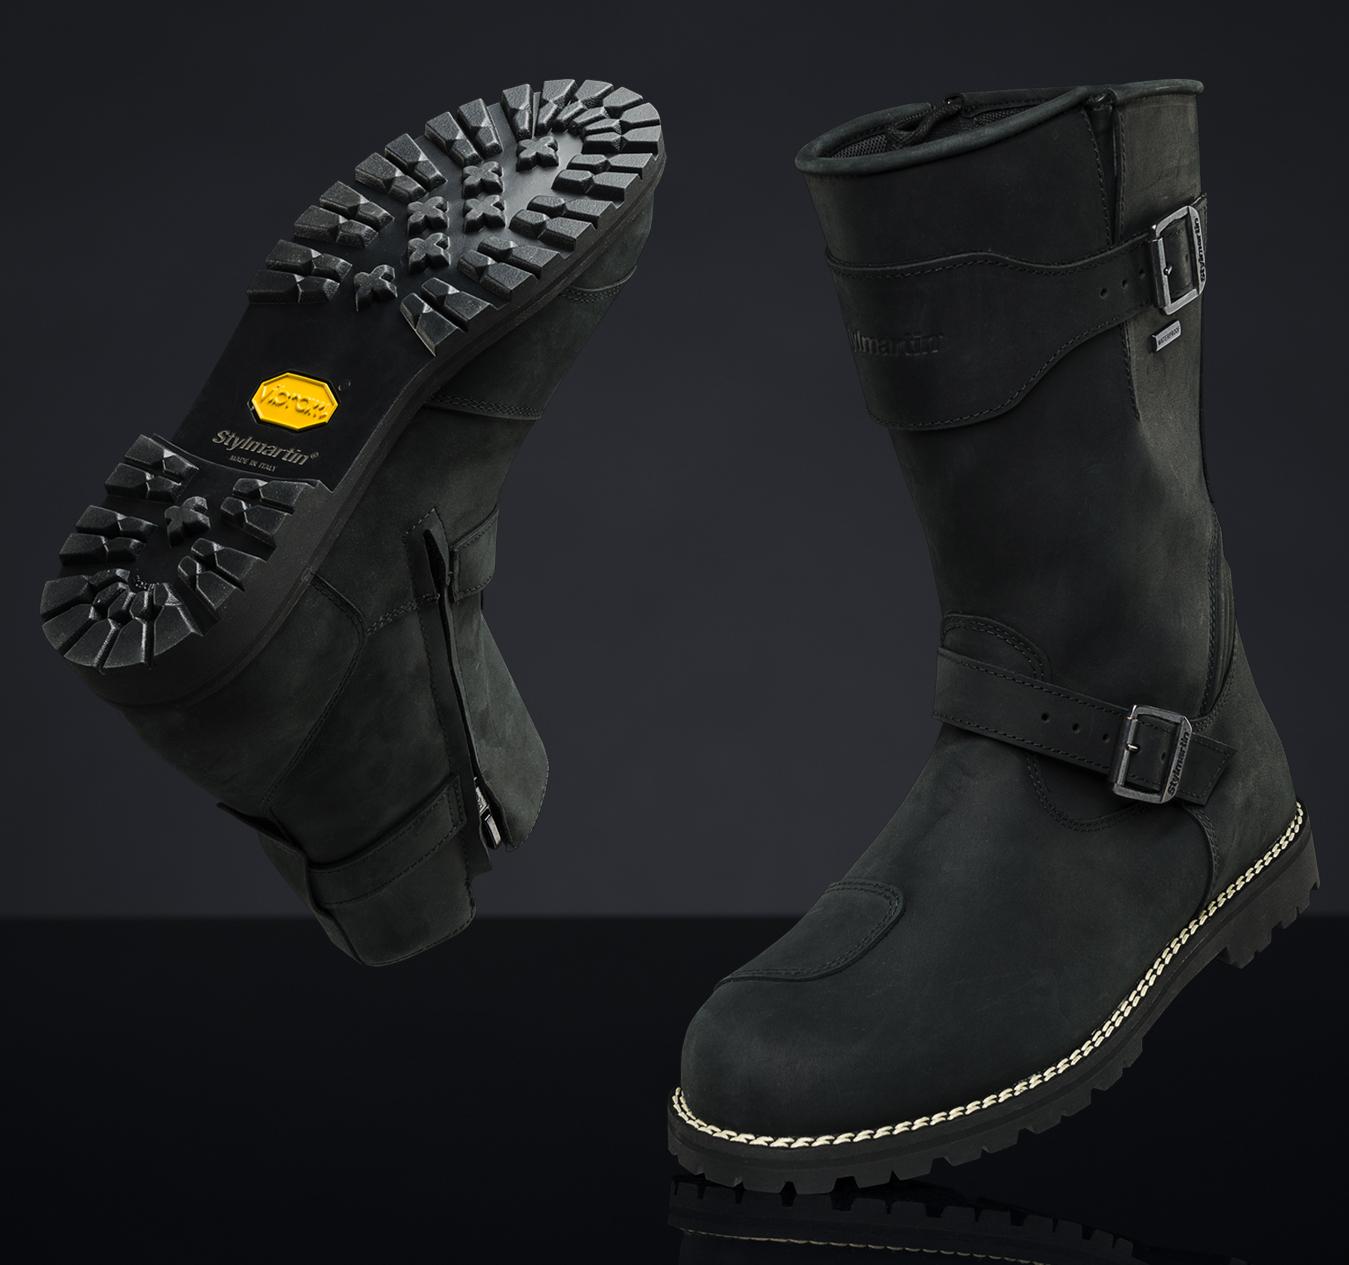 I nuovi stivali da moto turismo LEGEND EVO e MID WP Stylmartin sono online.